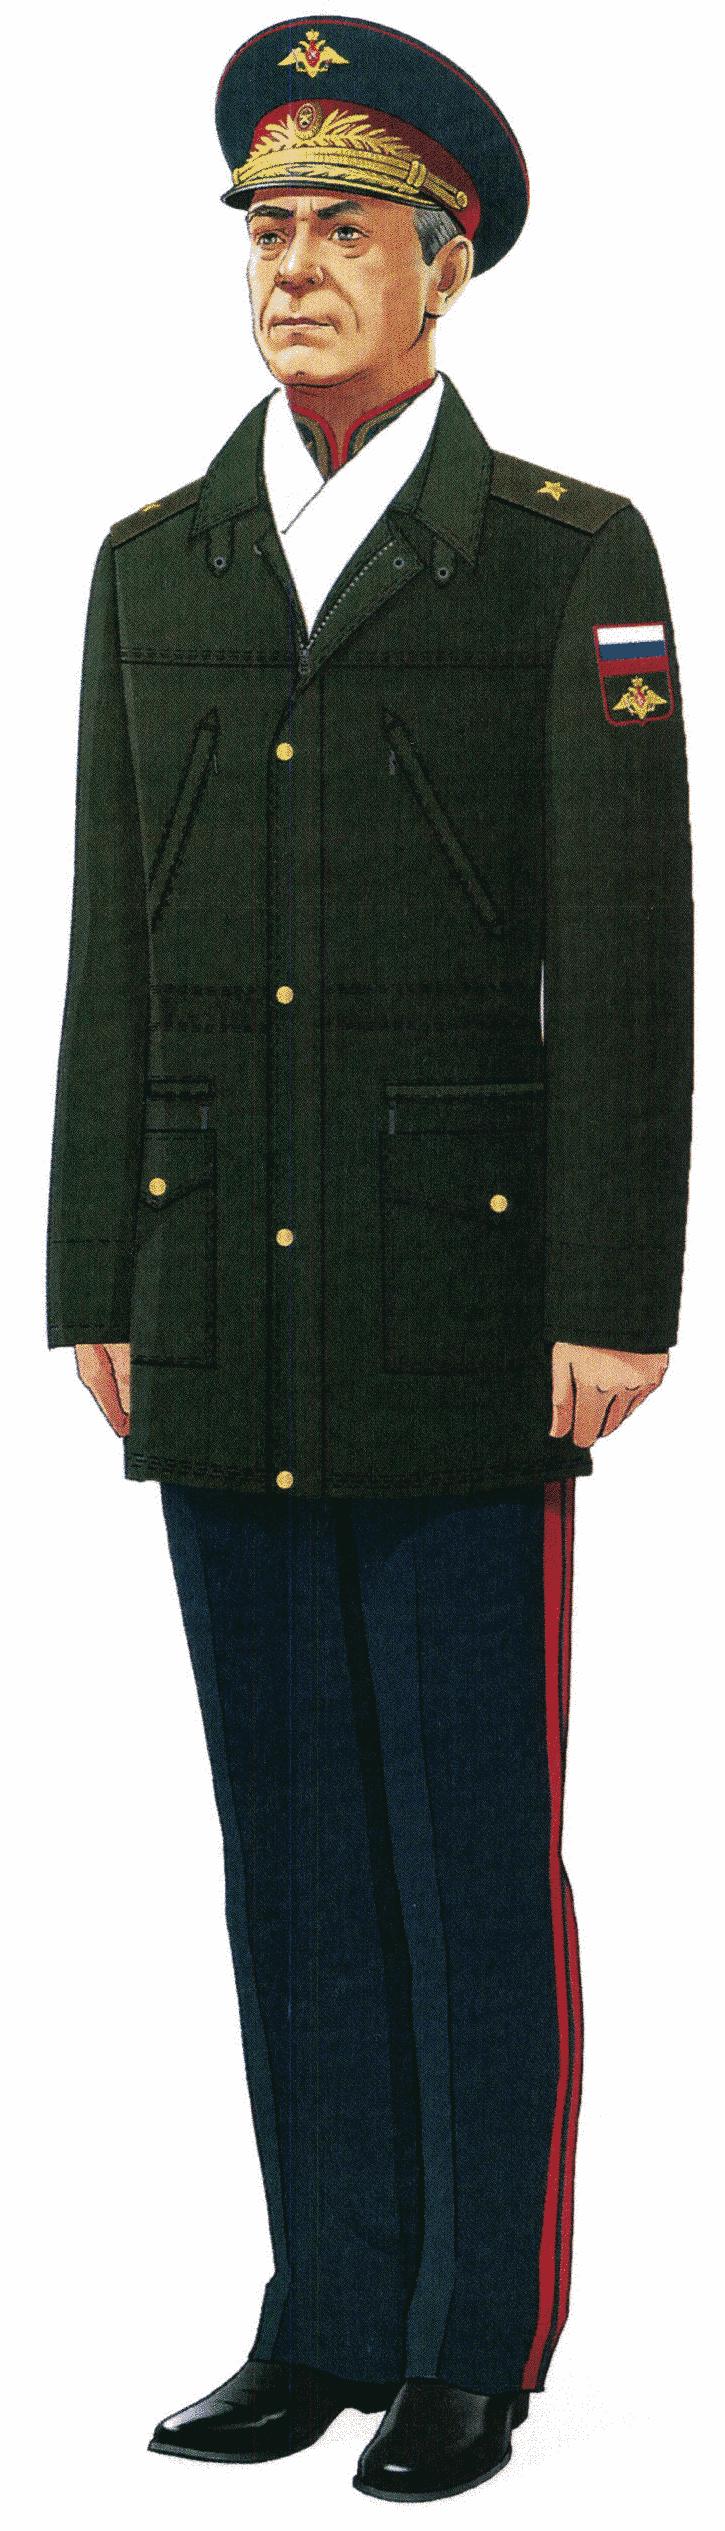 Парадная Форма Одежды Российской Армии и Флота Нового Образца ... | 2531x725